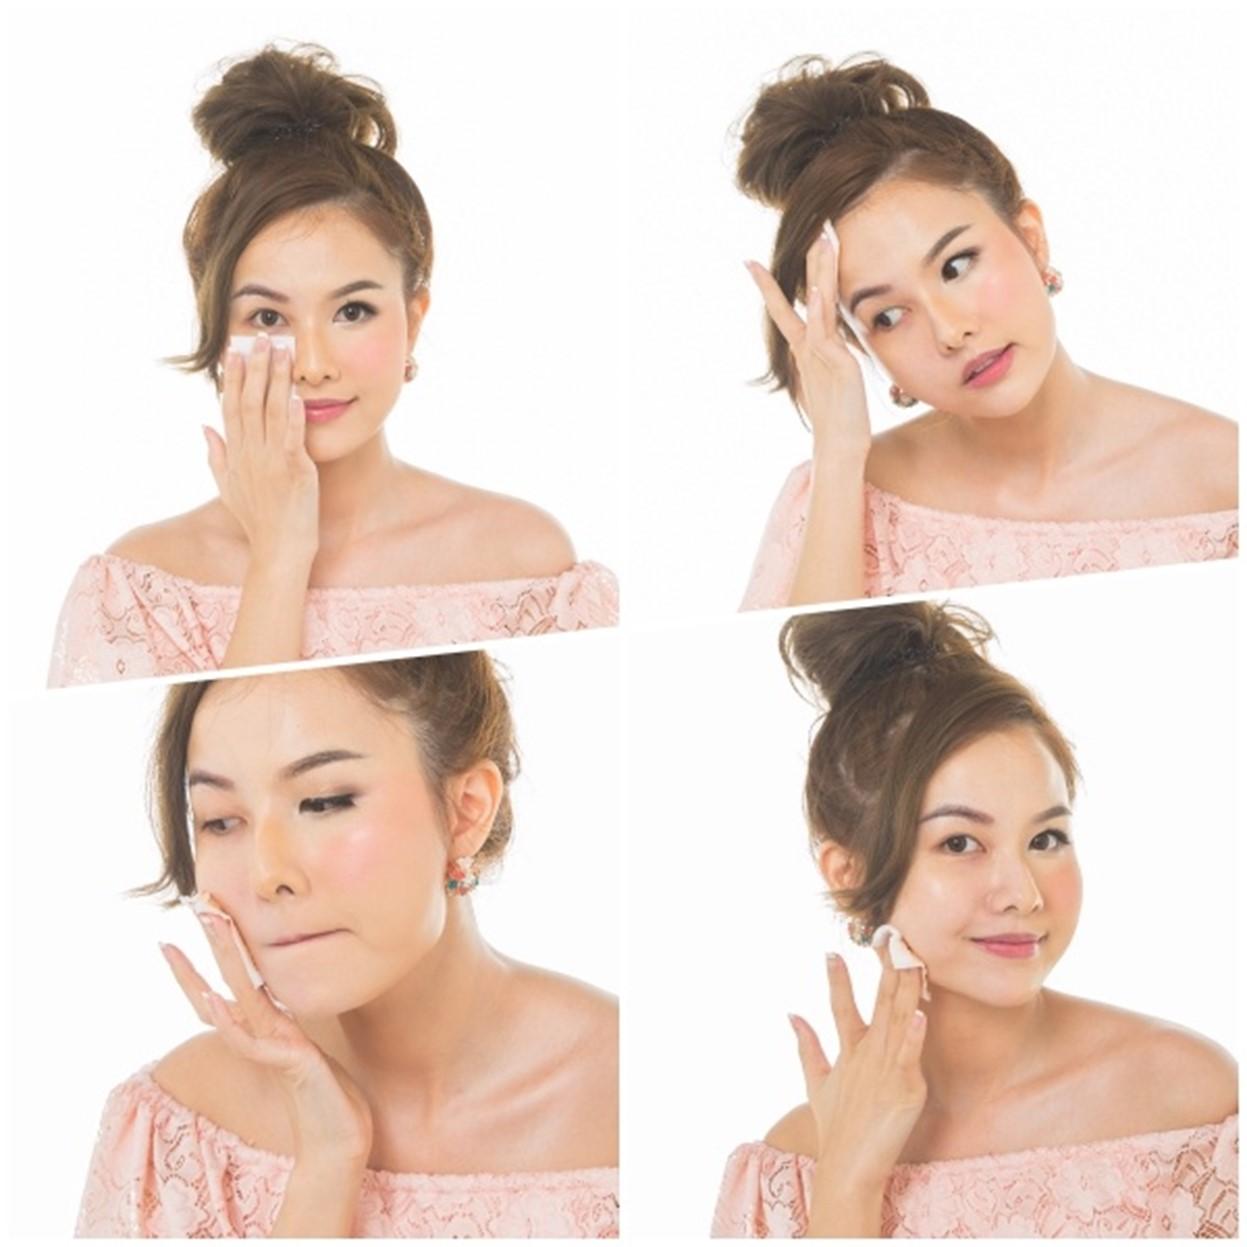 Nước Tẩy Trang Byphasse Micellar Make-up Remover 500ml + Tặng Túi Bông Tẩy Trang Ipek 80 Miếng